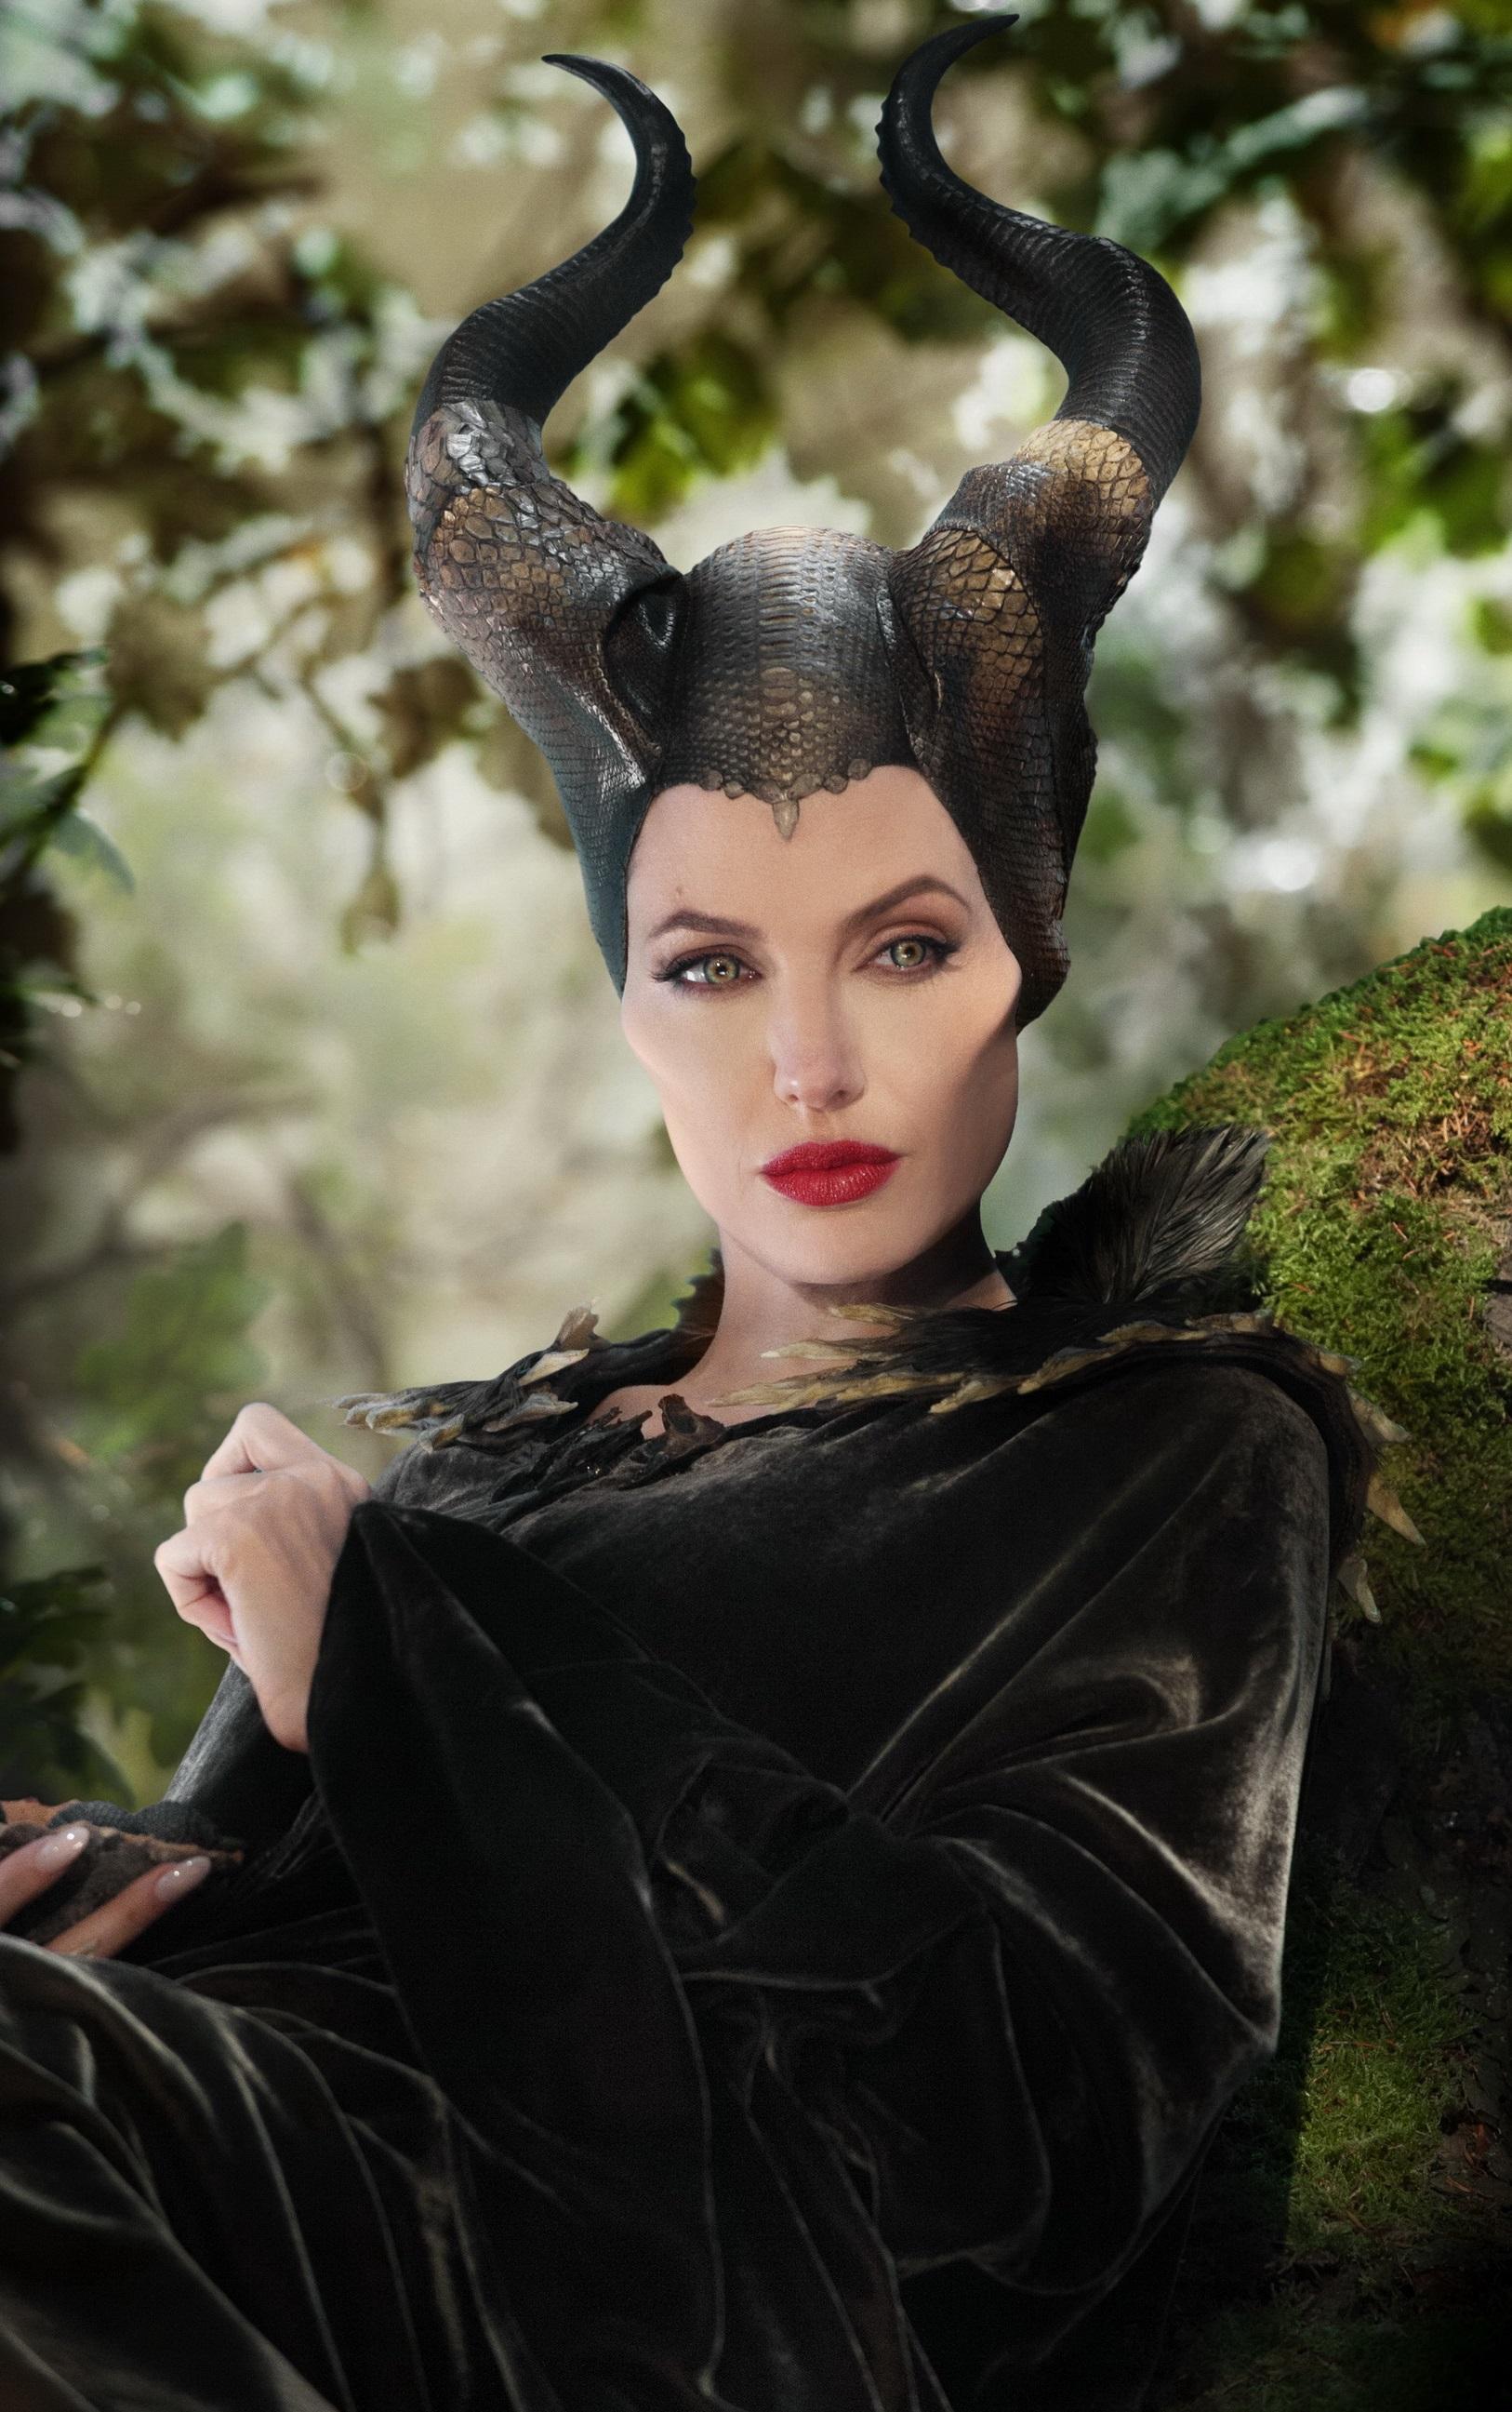 Файл:Малефисента Джоли.jpg — Википедия анджелина джоли википедия